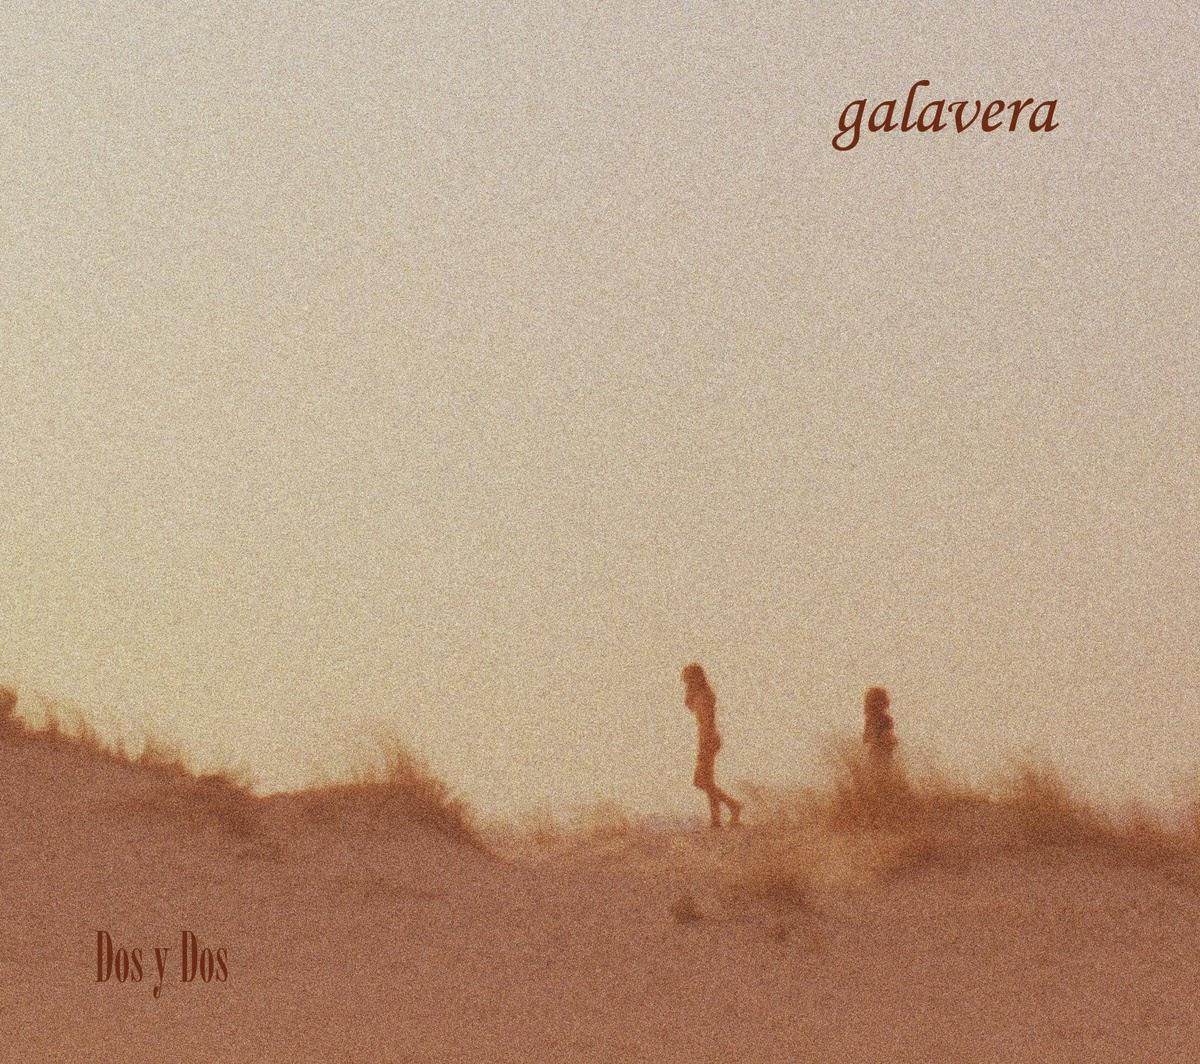 GALAVERA - (2014) Dos y dos